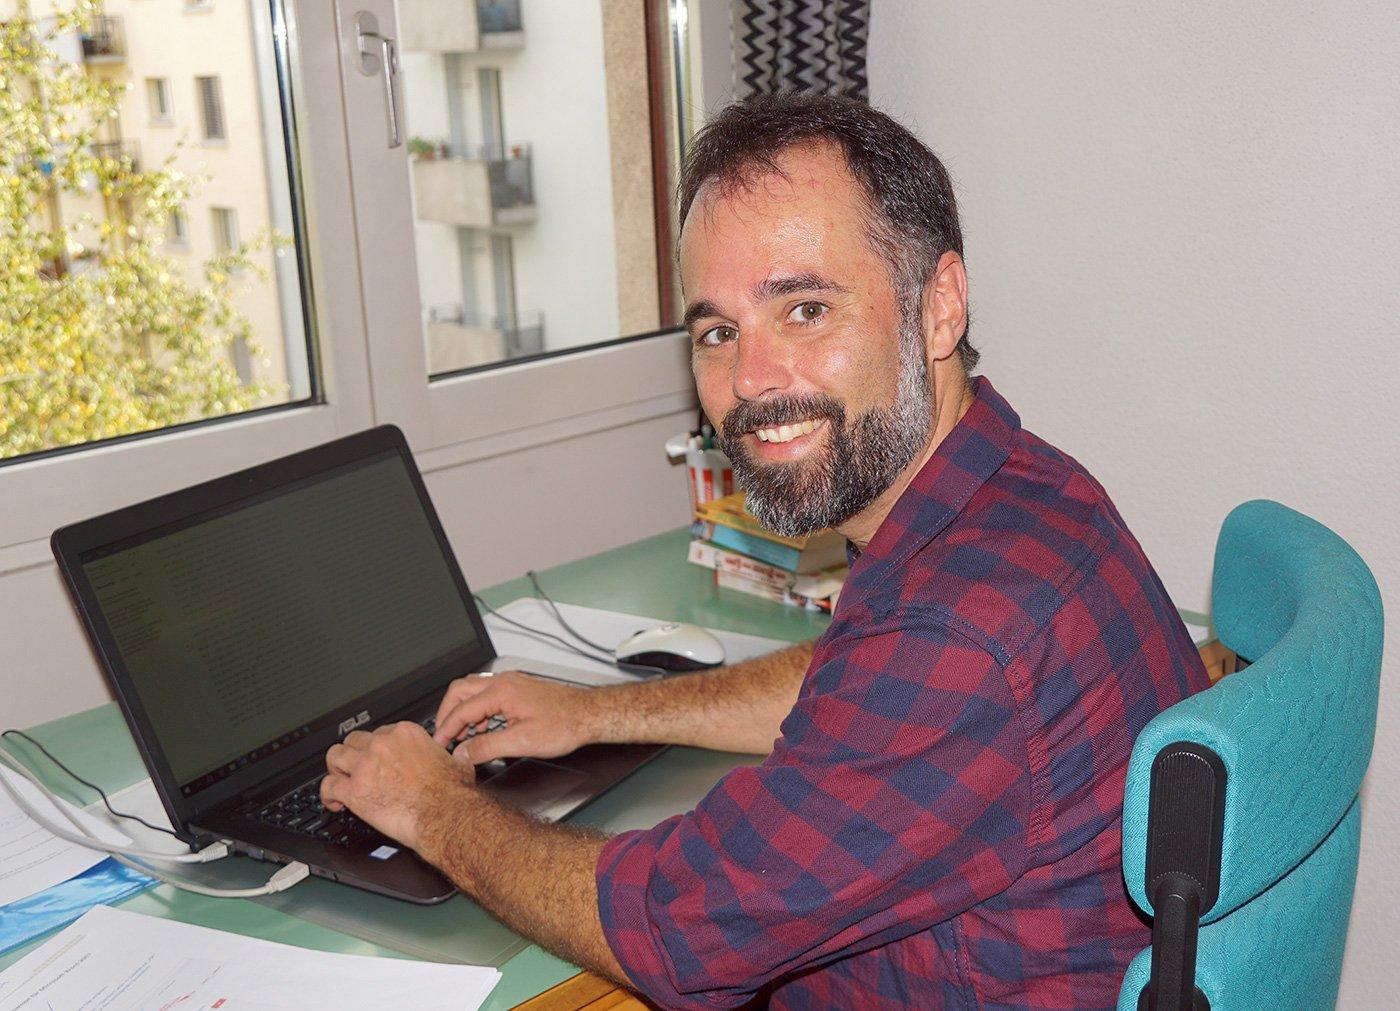 Hier entstand der Roman: Stefan Kämpfen in seiner Schreibstube.